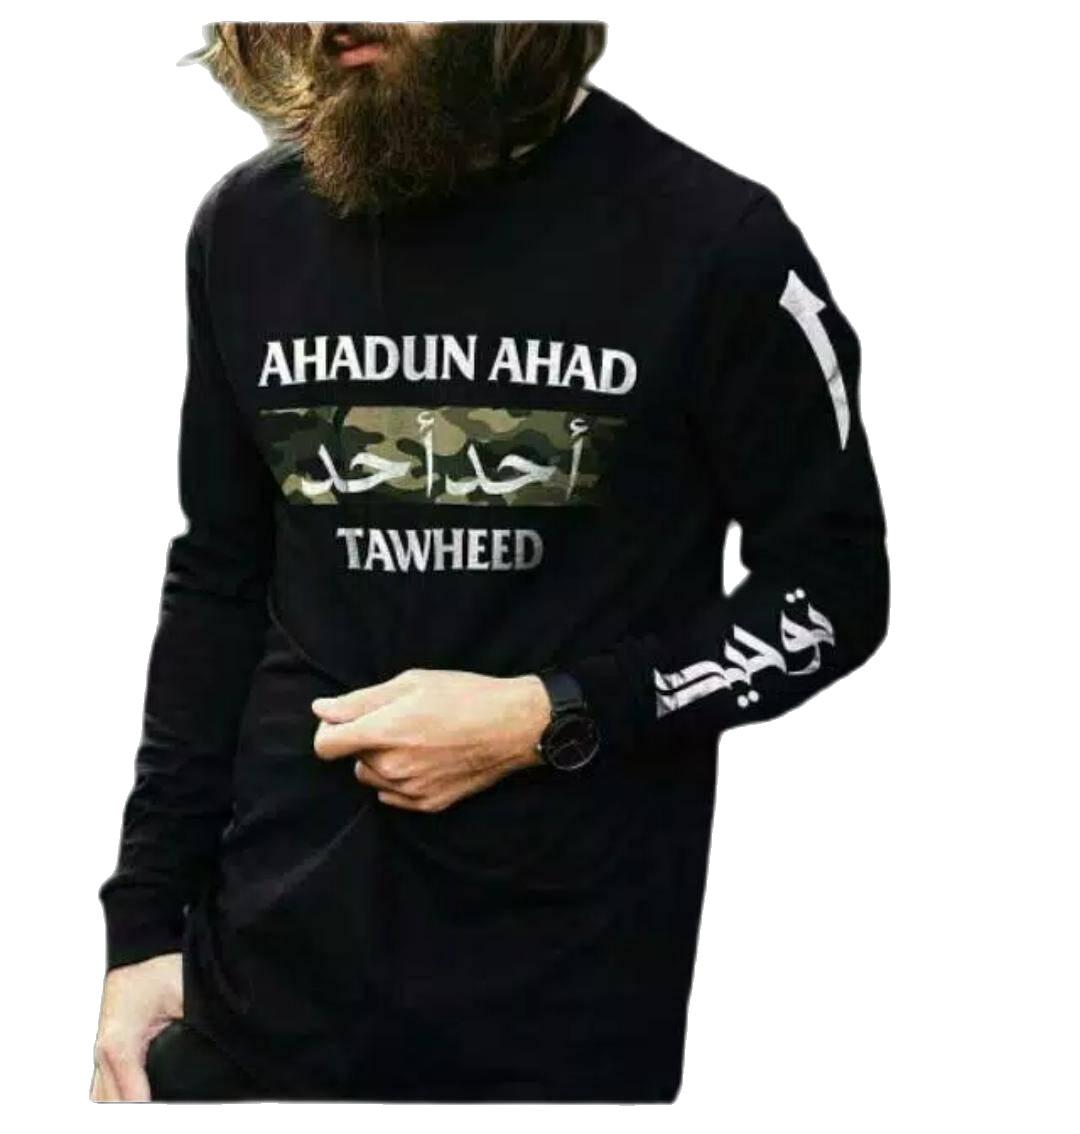 kaos panjang longsleve muslim ahadun ahad